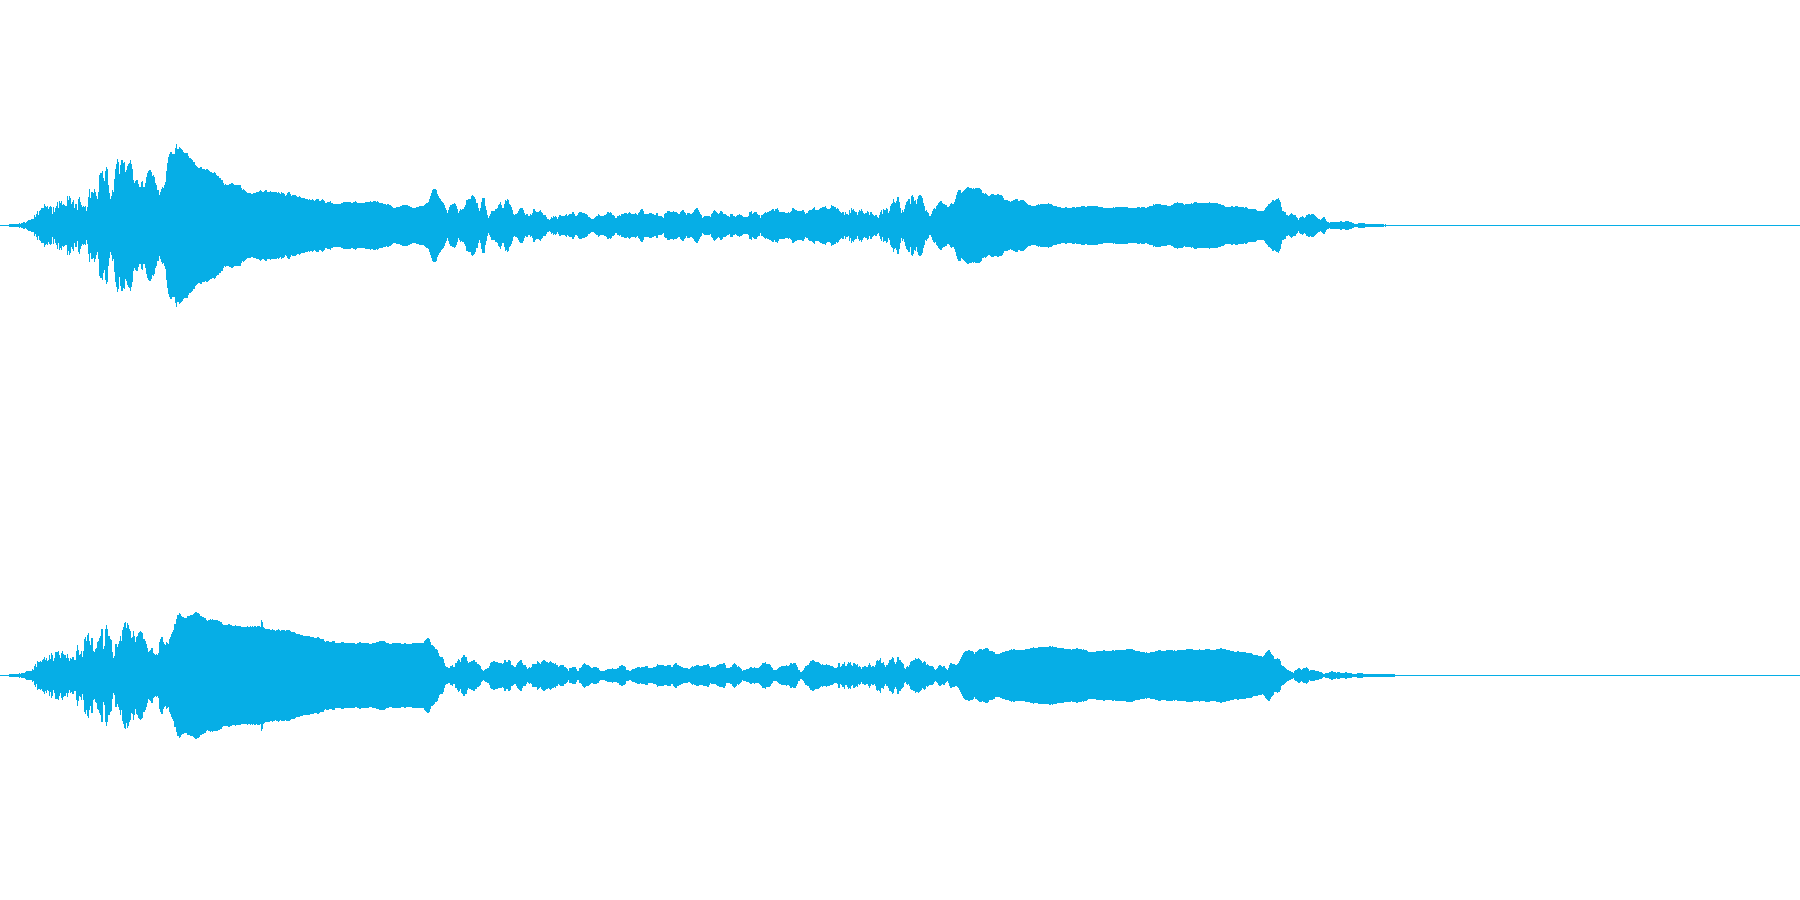 パトカーのサイレン音の再生済みの波形